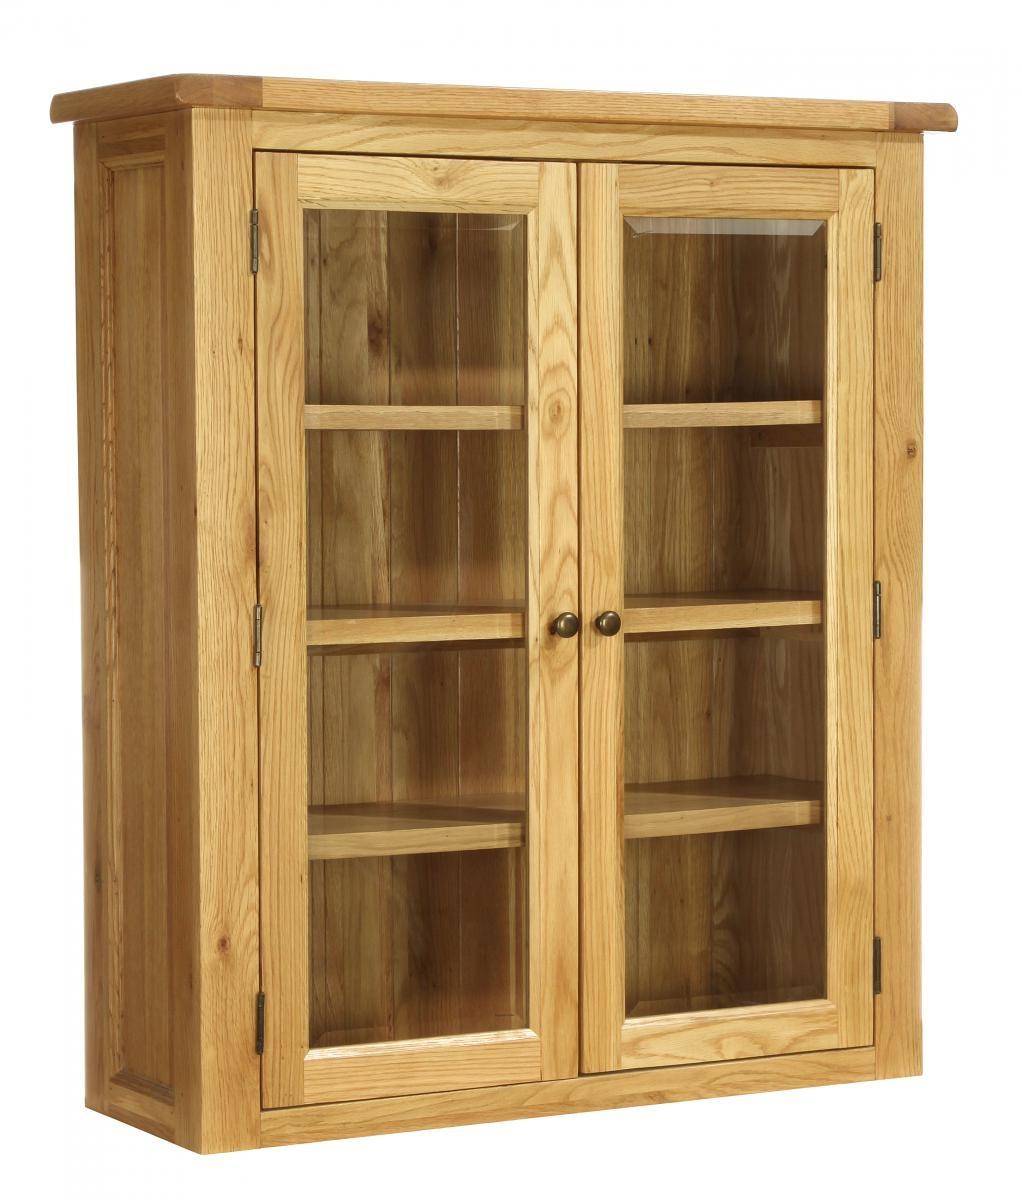 Vancouver Petite Oak Glazed Hutch - 2 Door